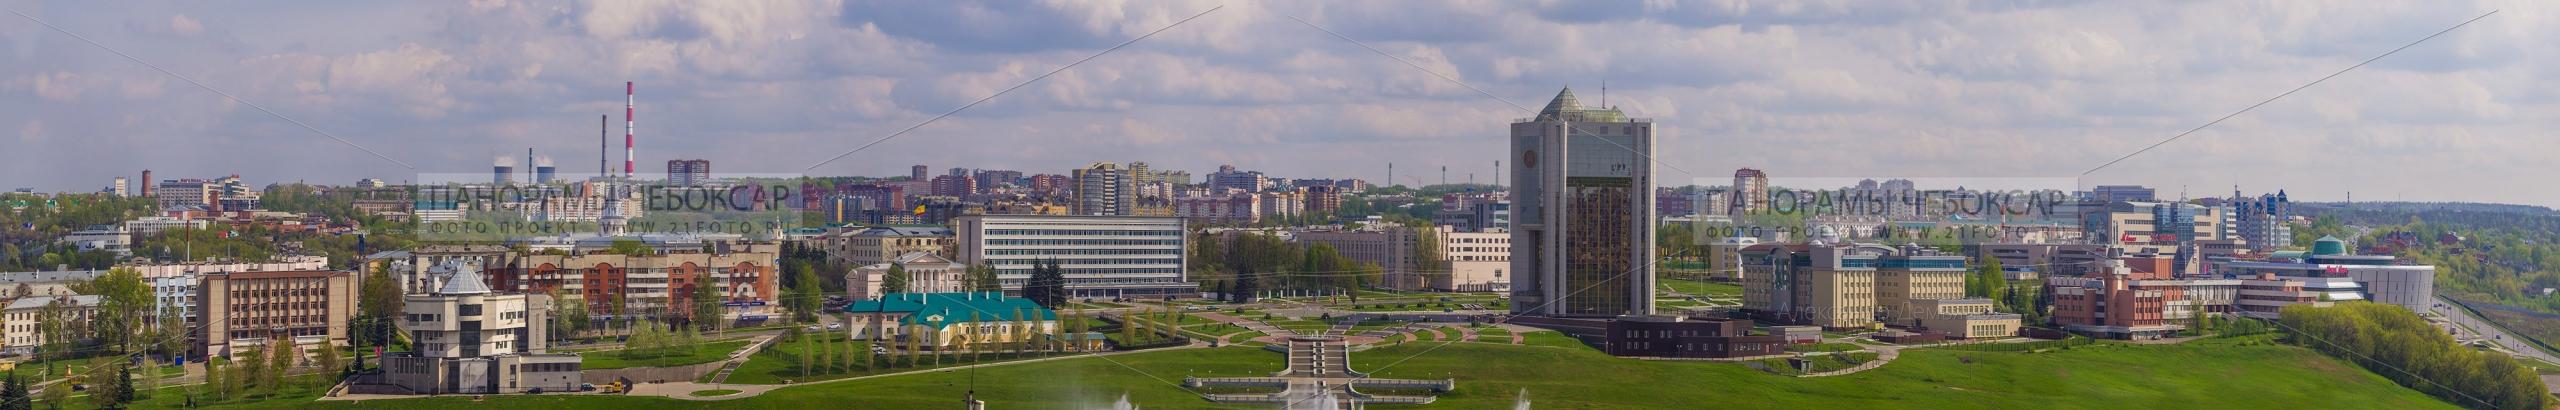 144 мегапиксел — Фото центра города Чебоксары летом  (гигапиксельные фотографии города Чебоксары)